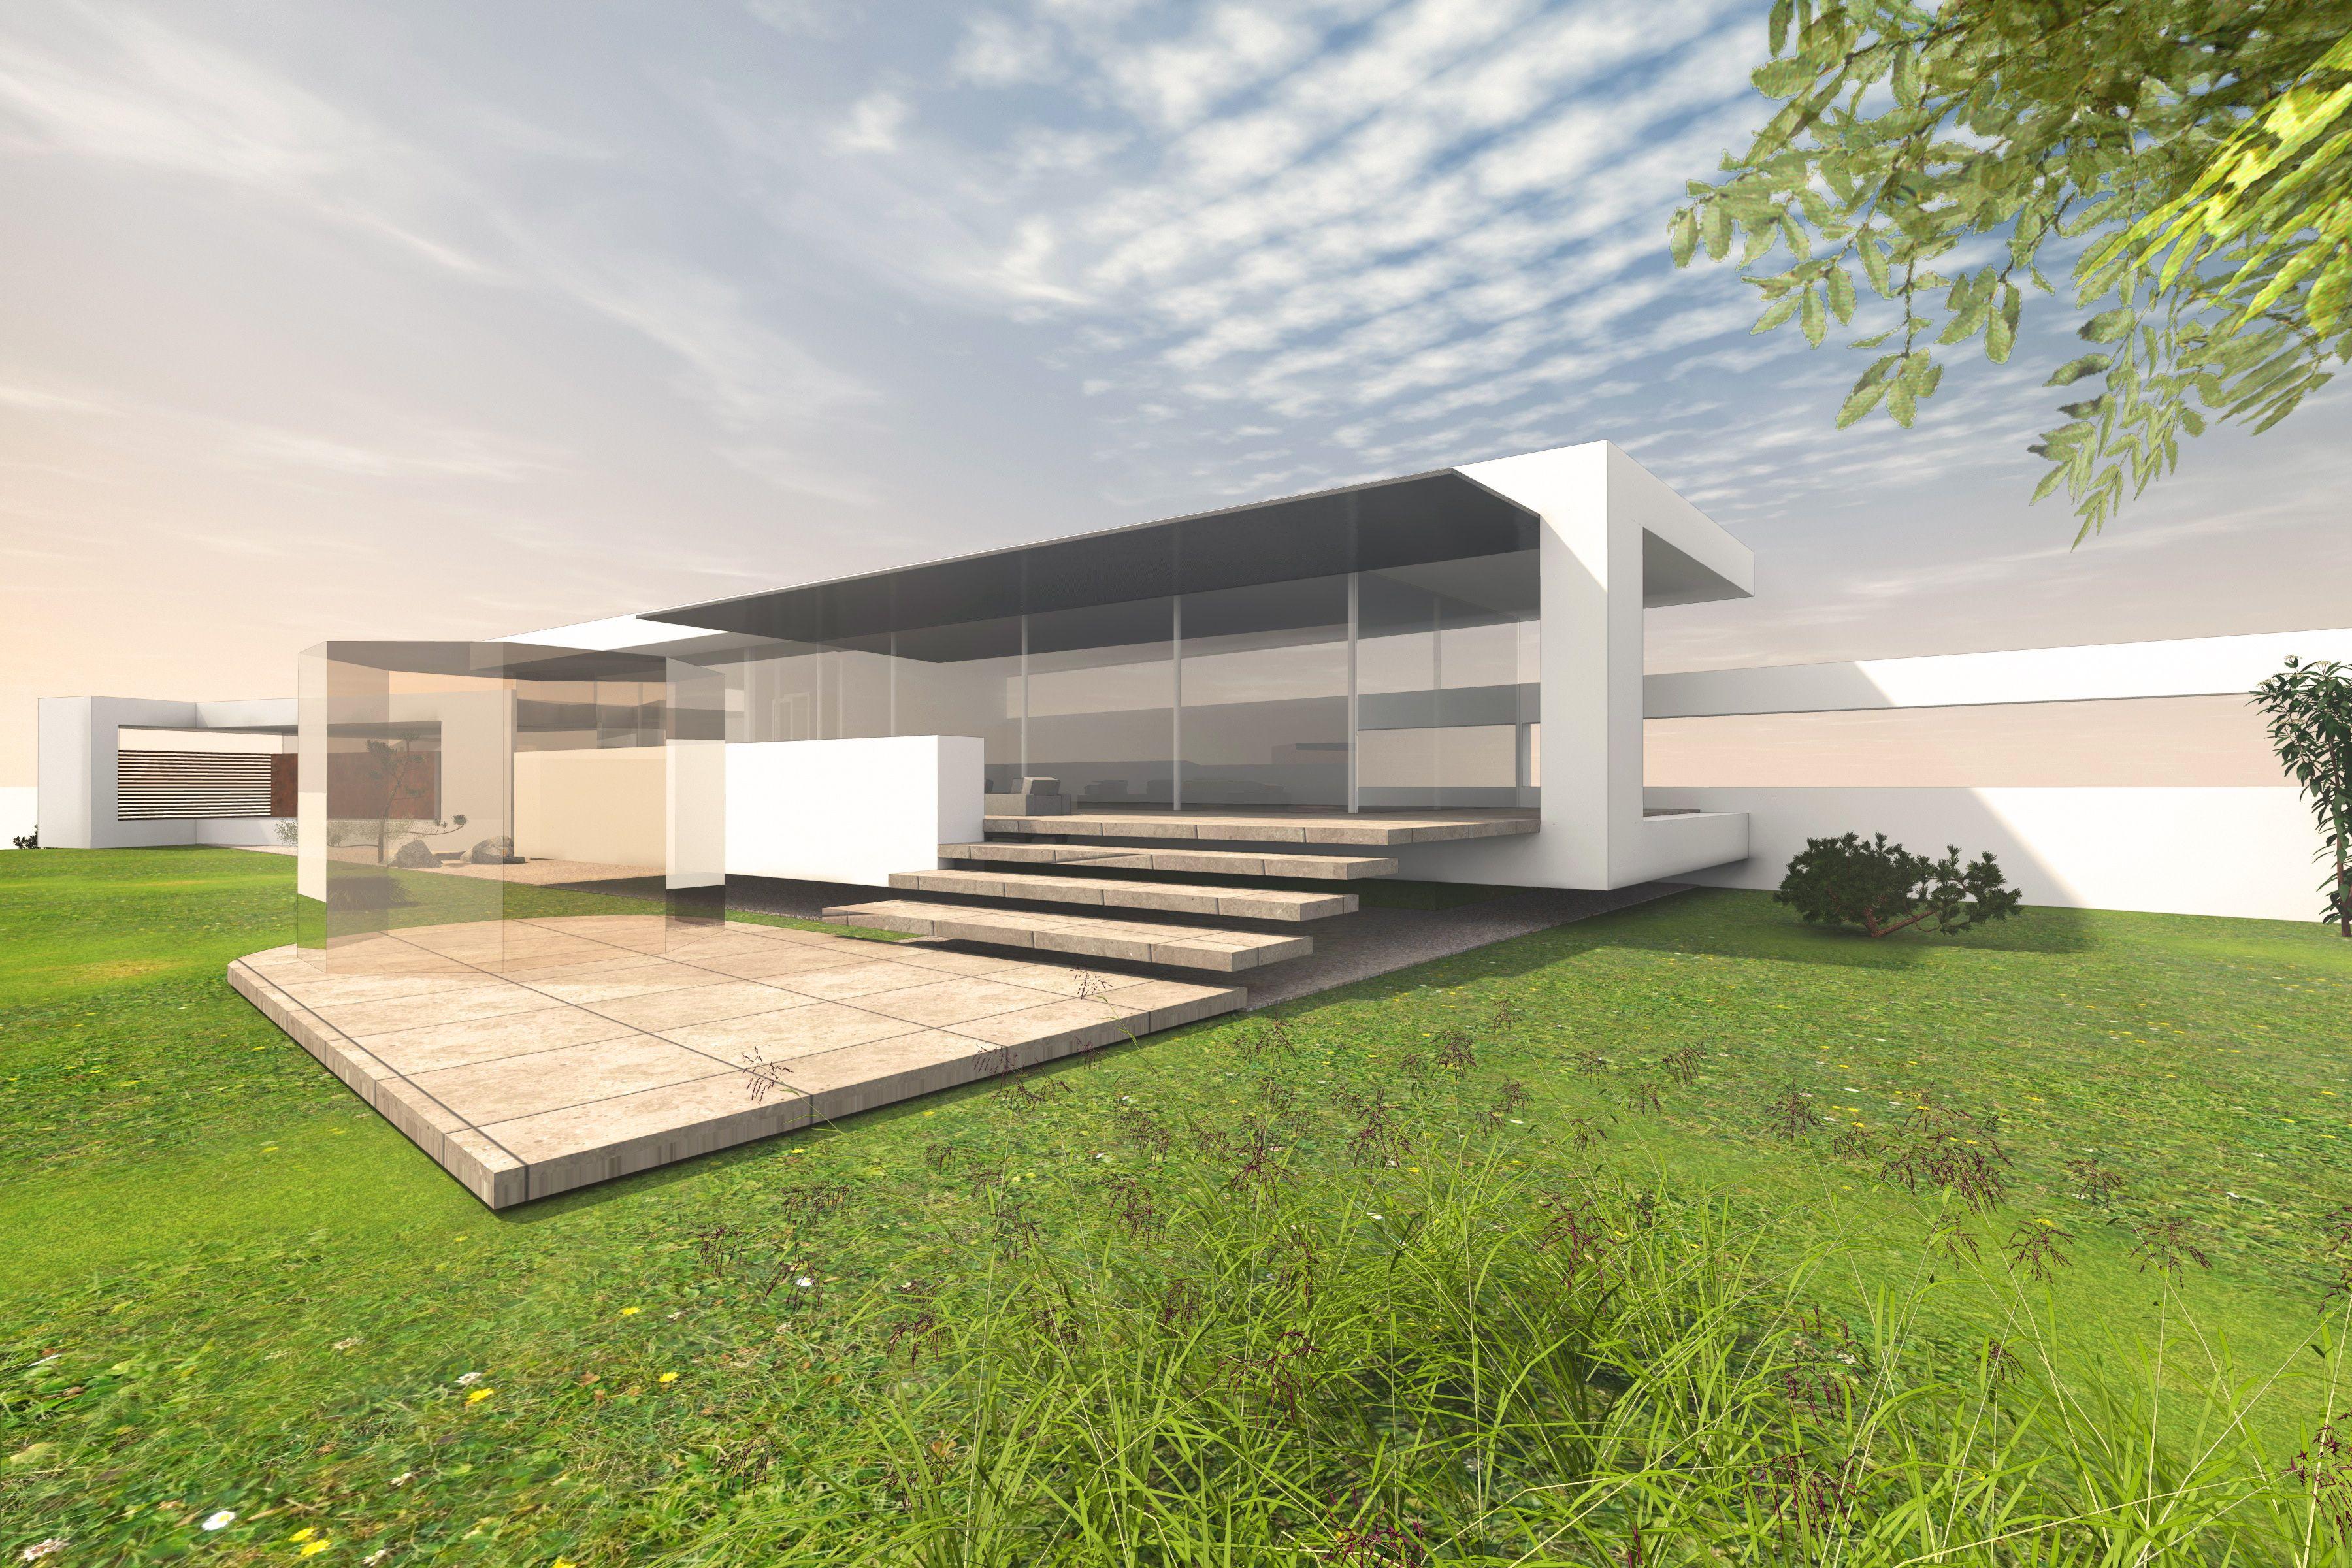 Modernes luxushaus als bungalow in moderner architektur for Modernes luxushaus